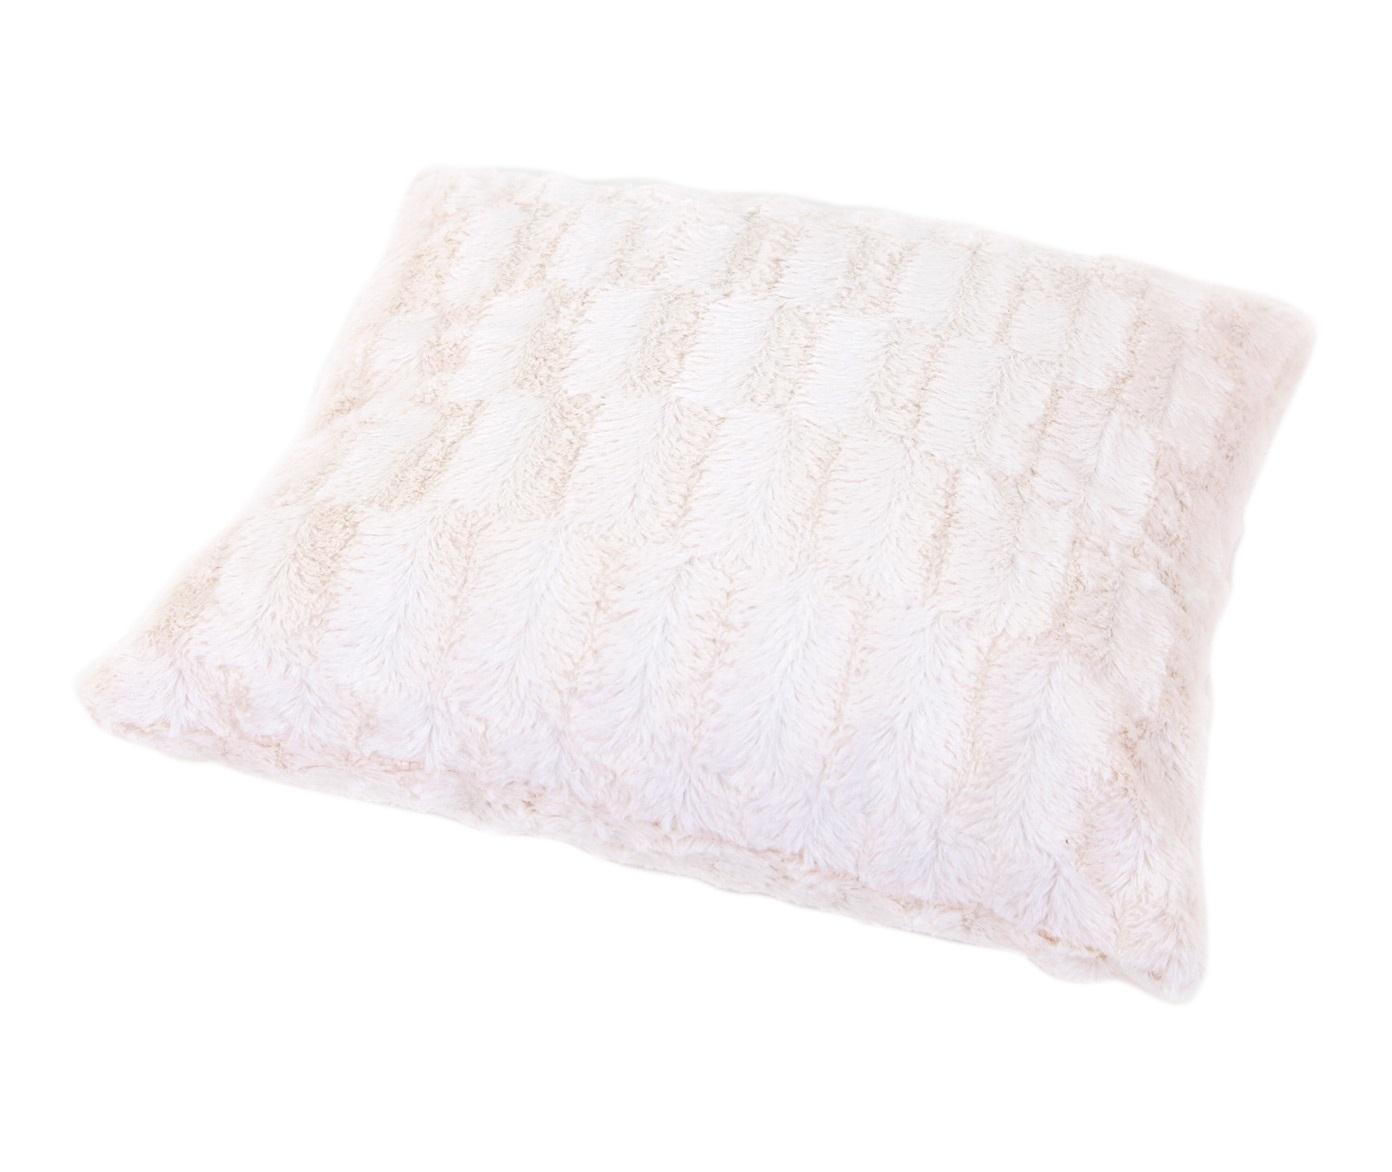 ПодушкаКвадратные подушки и наволочки<br>Материал: искусственная шерсть<br><br>Material: Шерсть<br>Length см: None<br>Width см: 45<br>Depth см: 1<br>Height см: 45